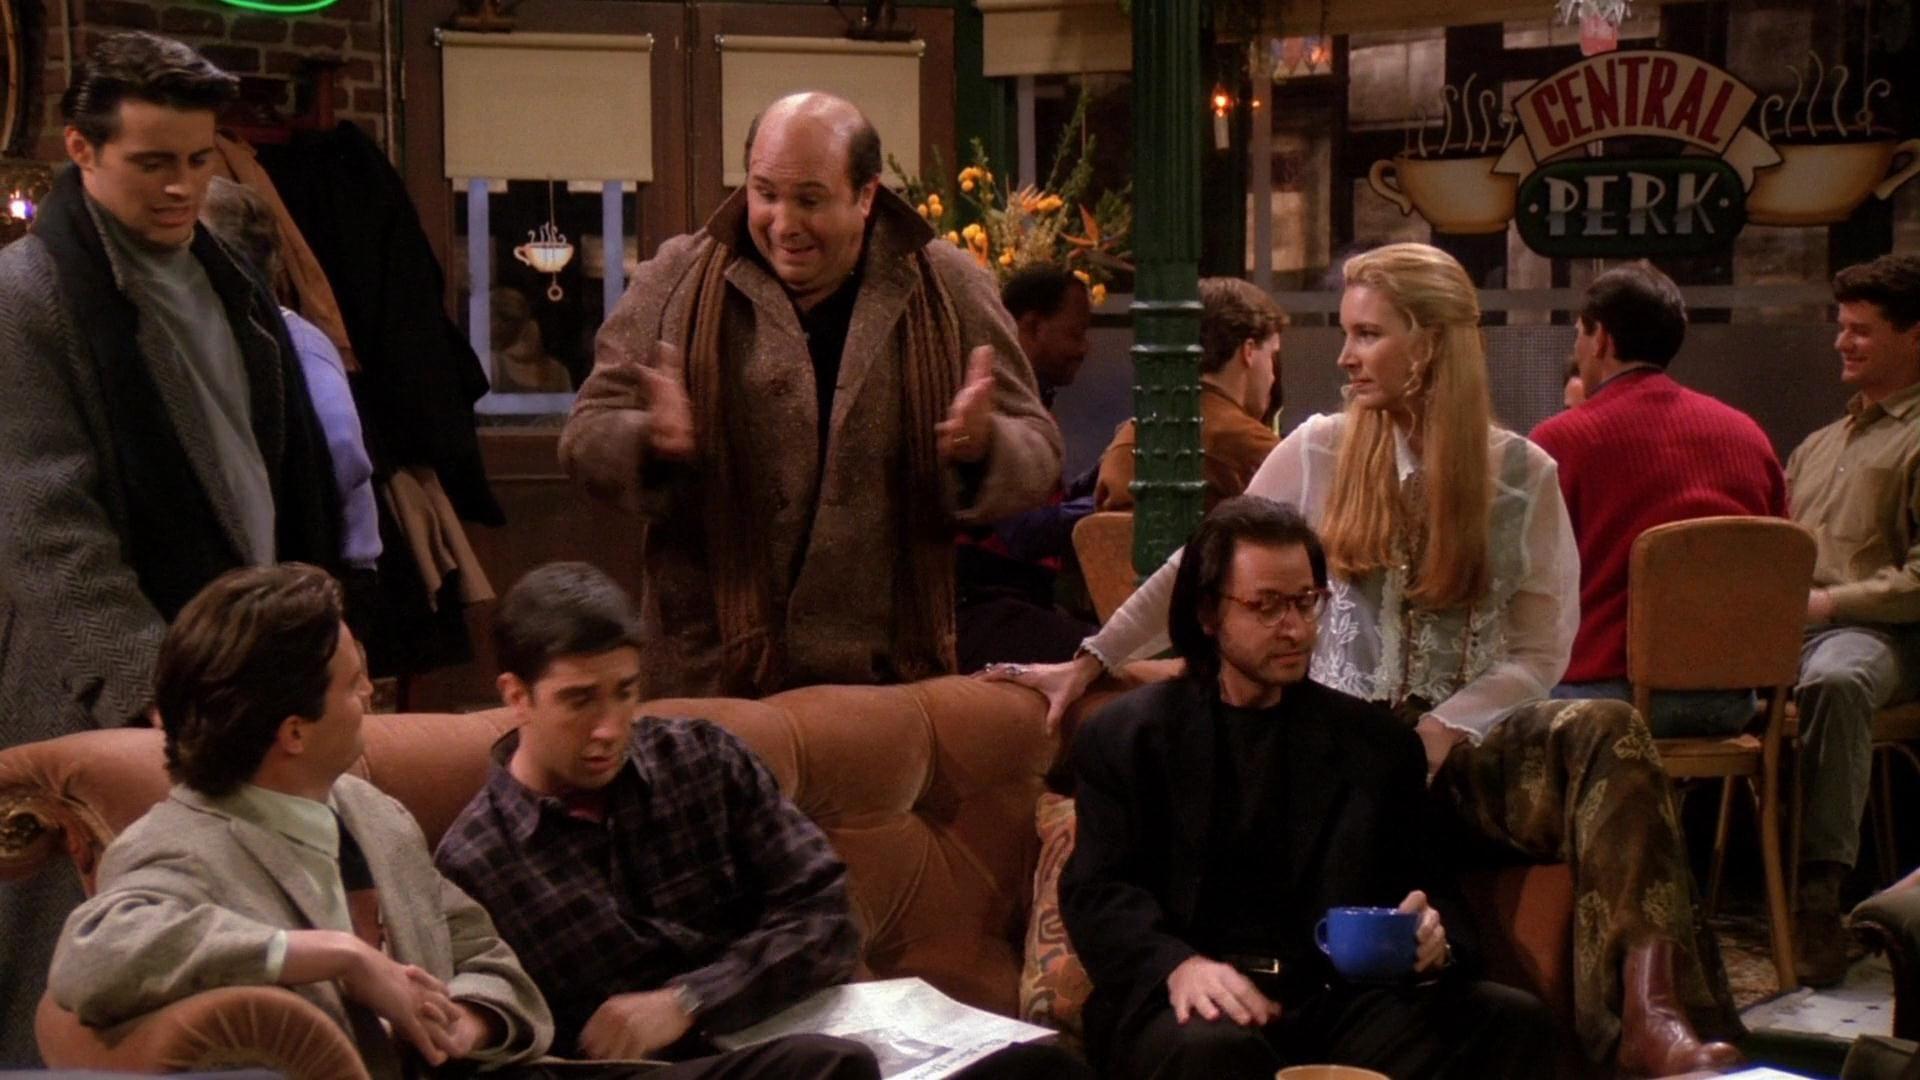 Descubra qual é o episódio mais engraçado de Friends - 9